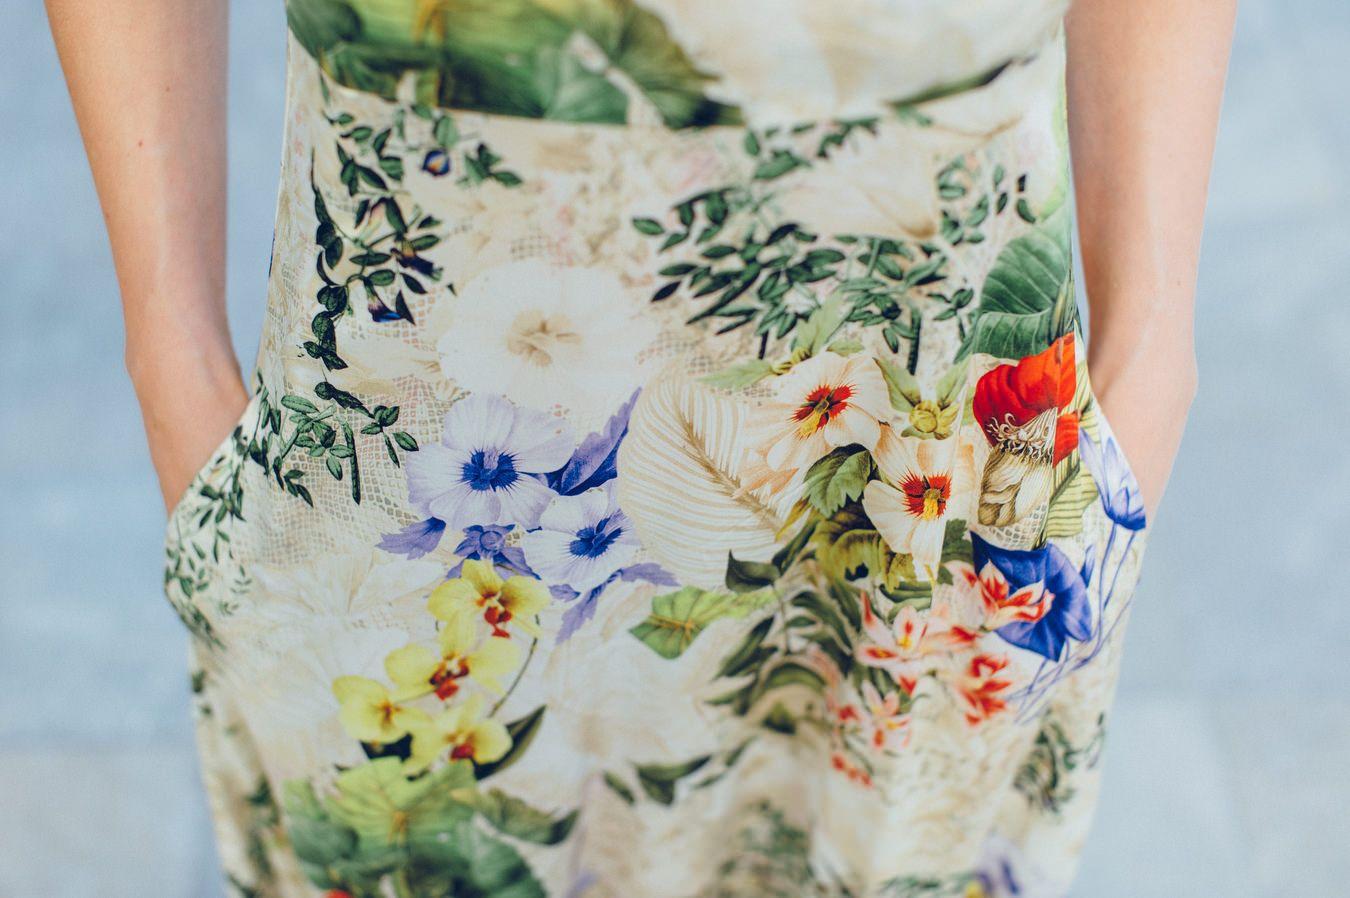 calista-one-lista-de-bodas-online-blog-de-bodas-bossanova-looks-invitadas-adriana-summer-party-6